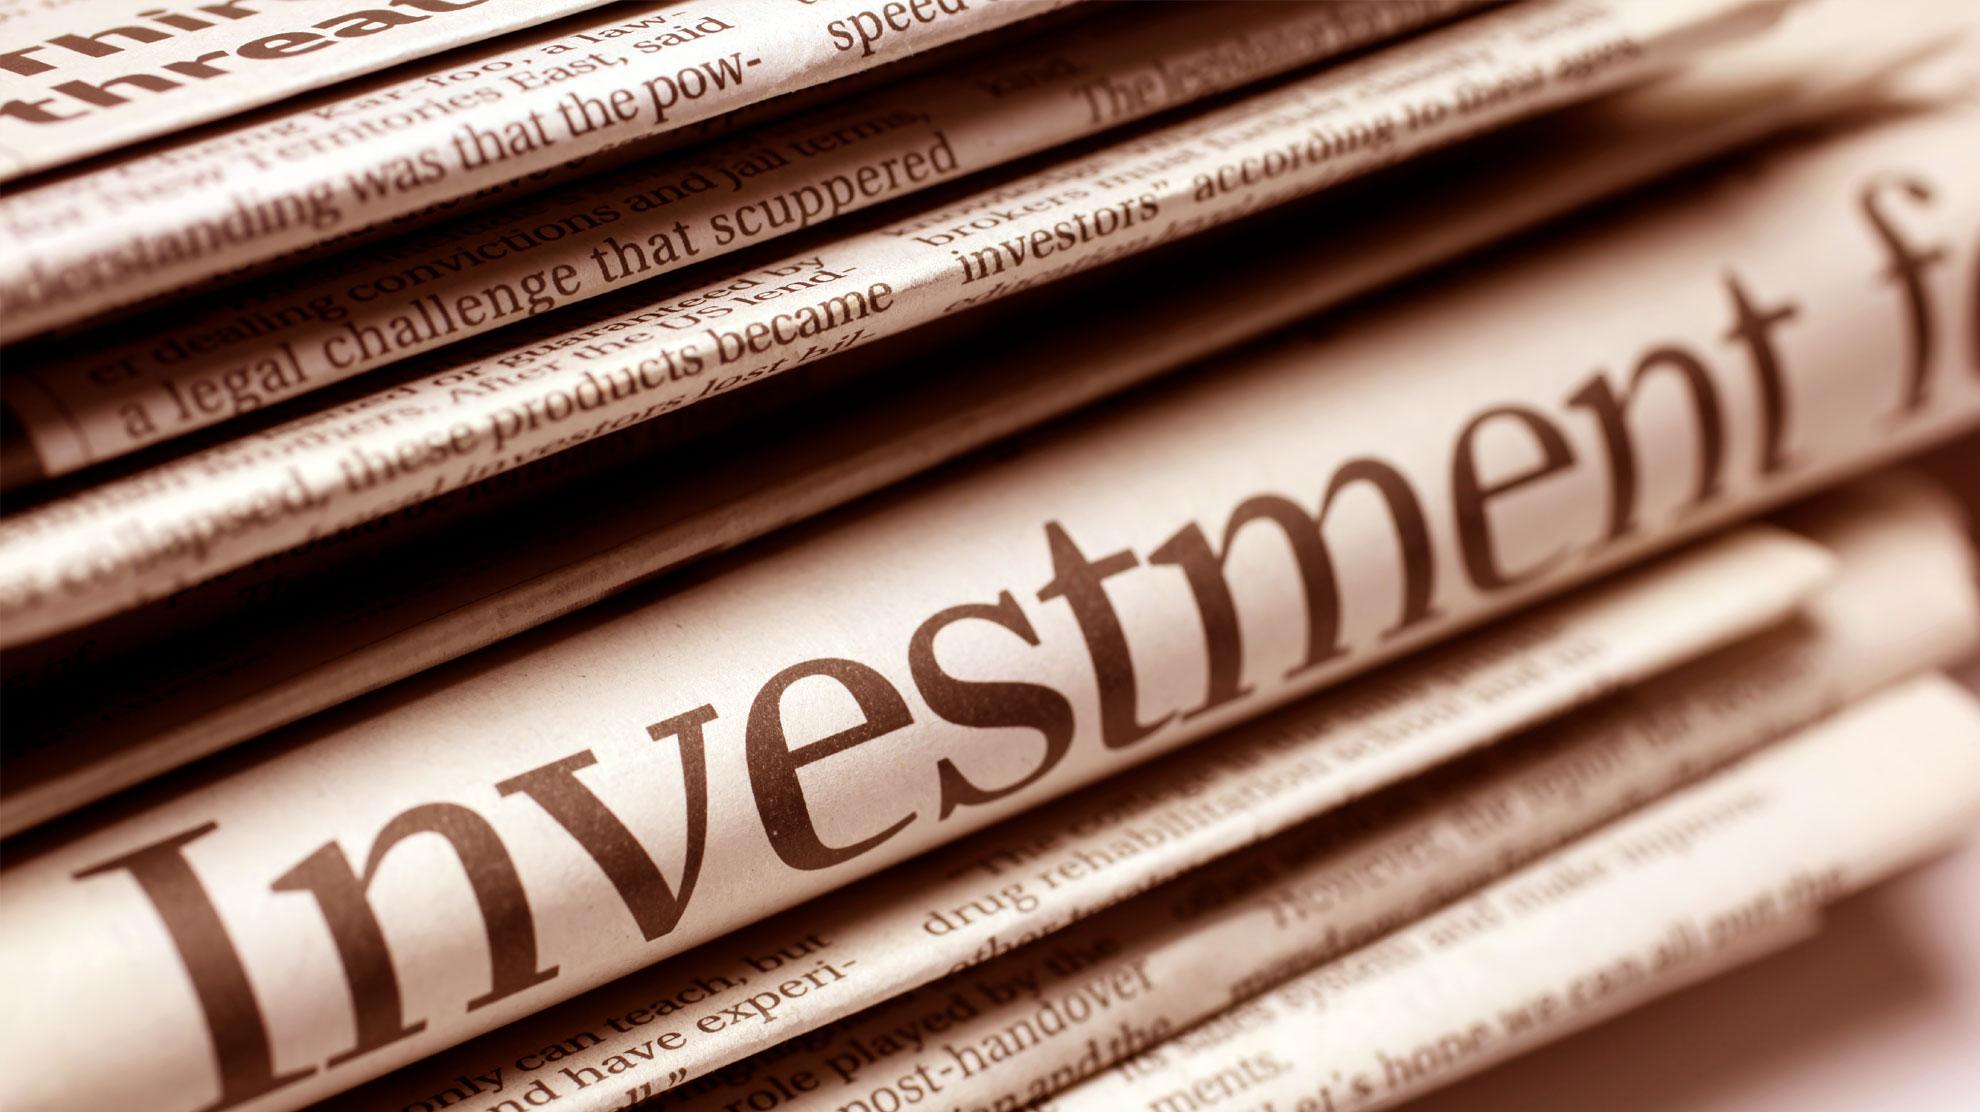 Schlagzeile Investment auf einer Zeitung